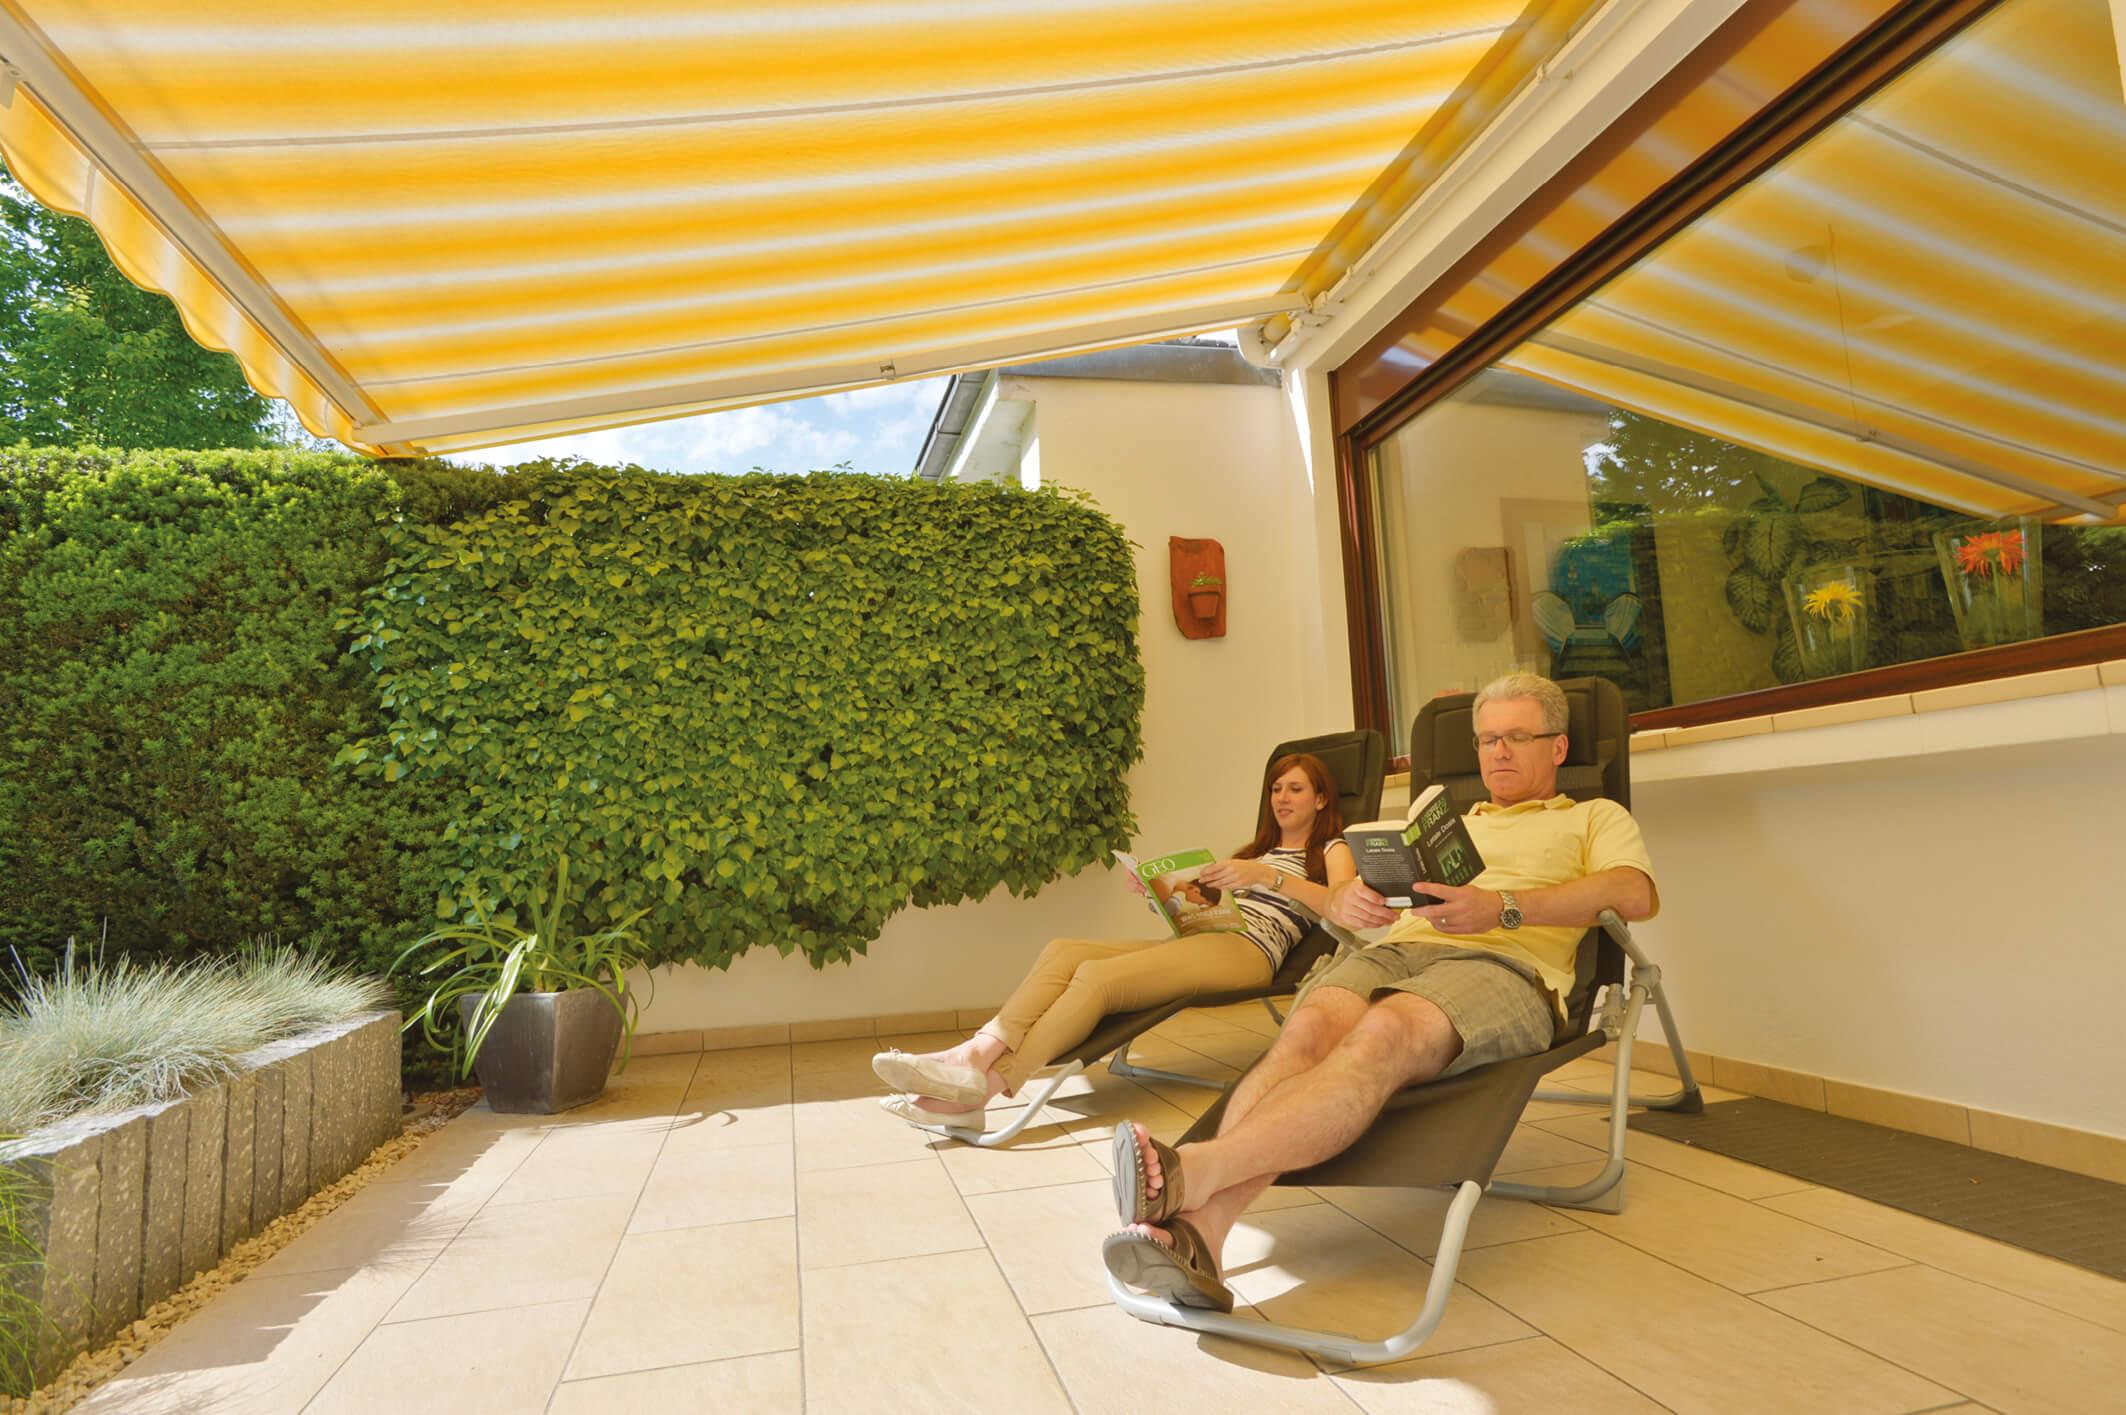 Der perkte Sonnenschutz auf der eigenen Terrasse